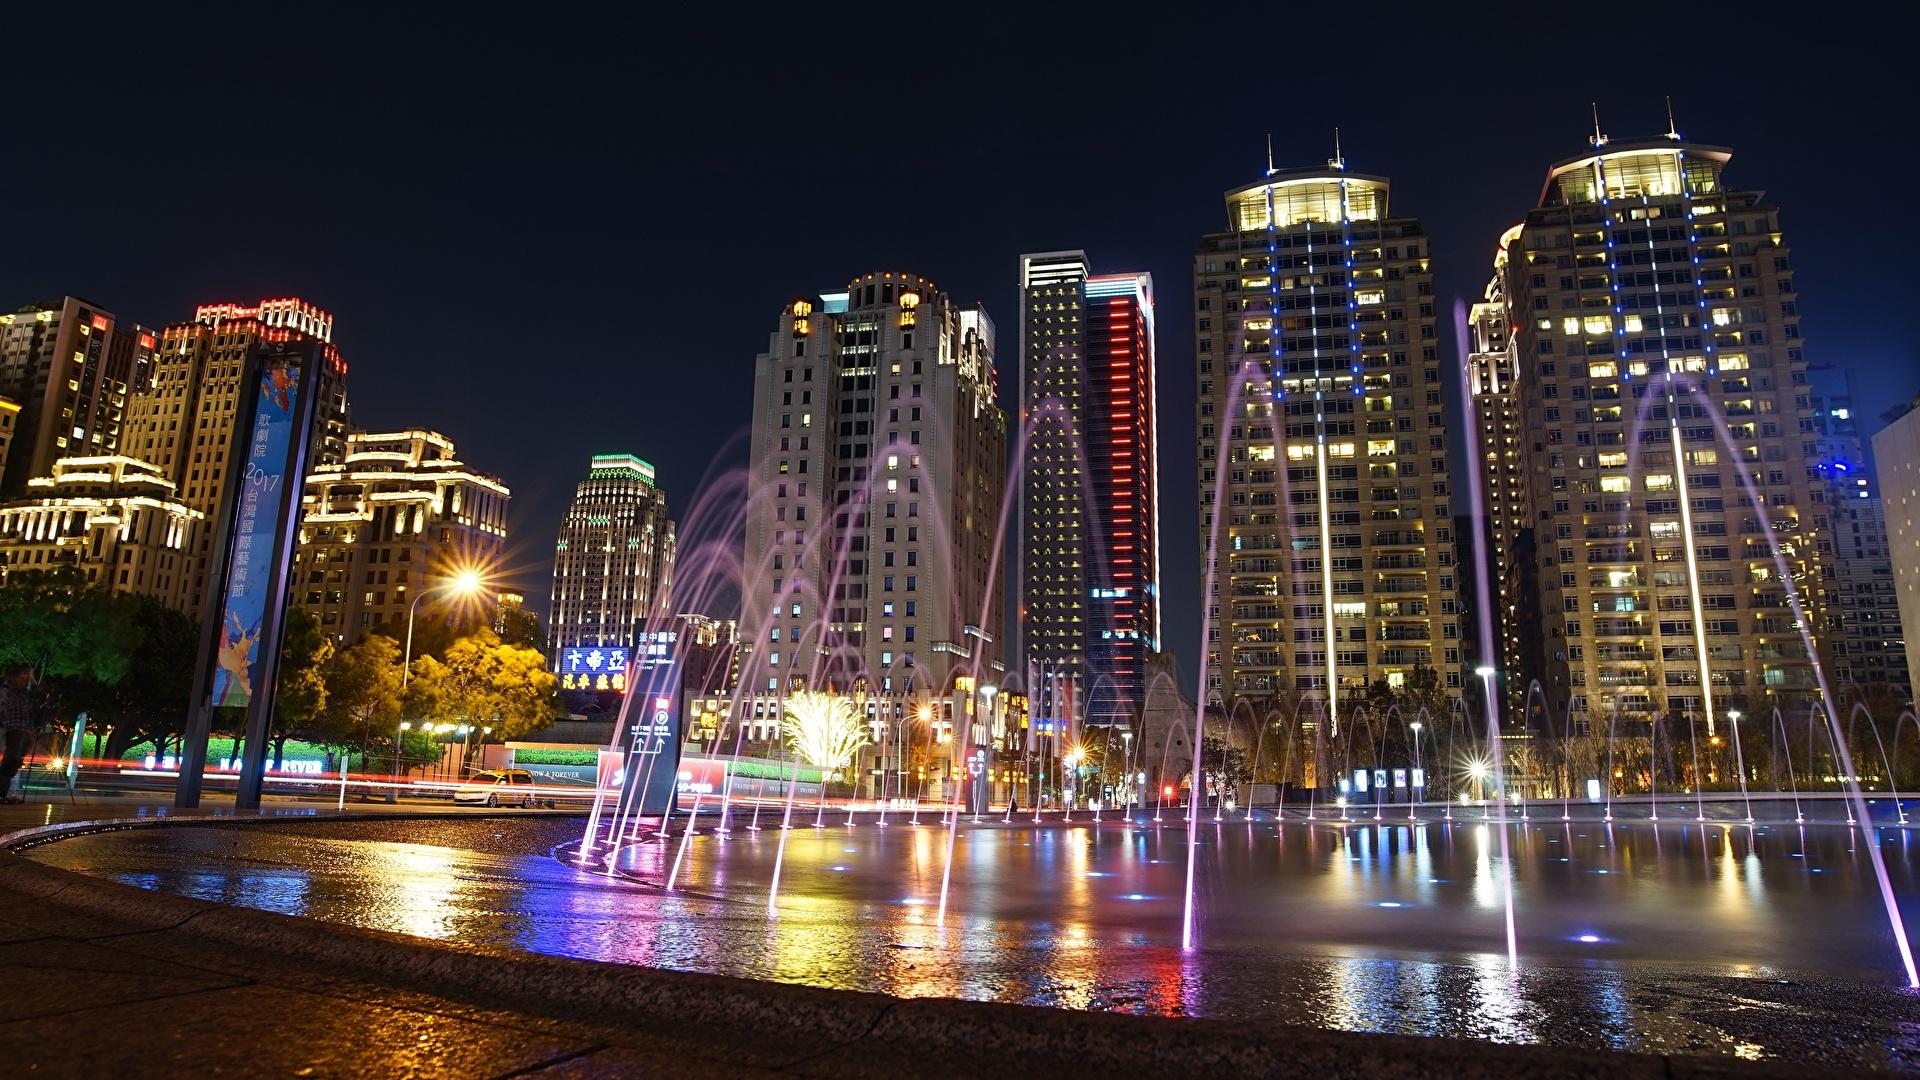 Картинка Тайбэй Китай Фонтаны Ночные Дома Города 1920x1080 Ночь ночью в ночи Здания